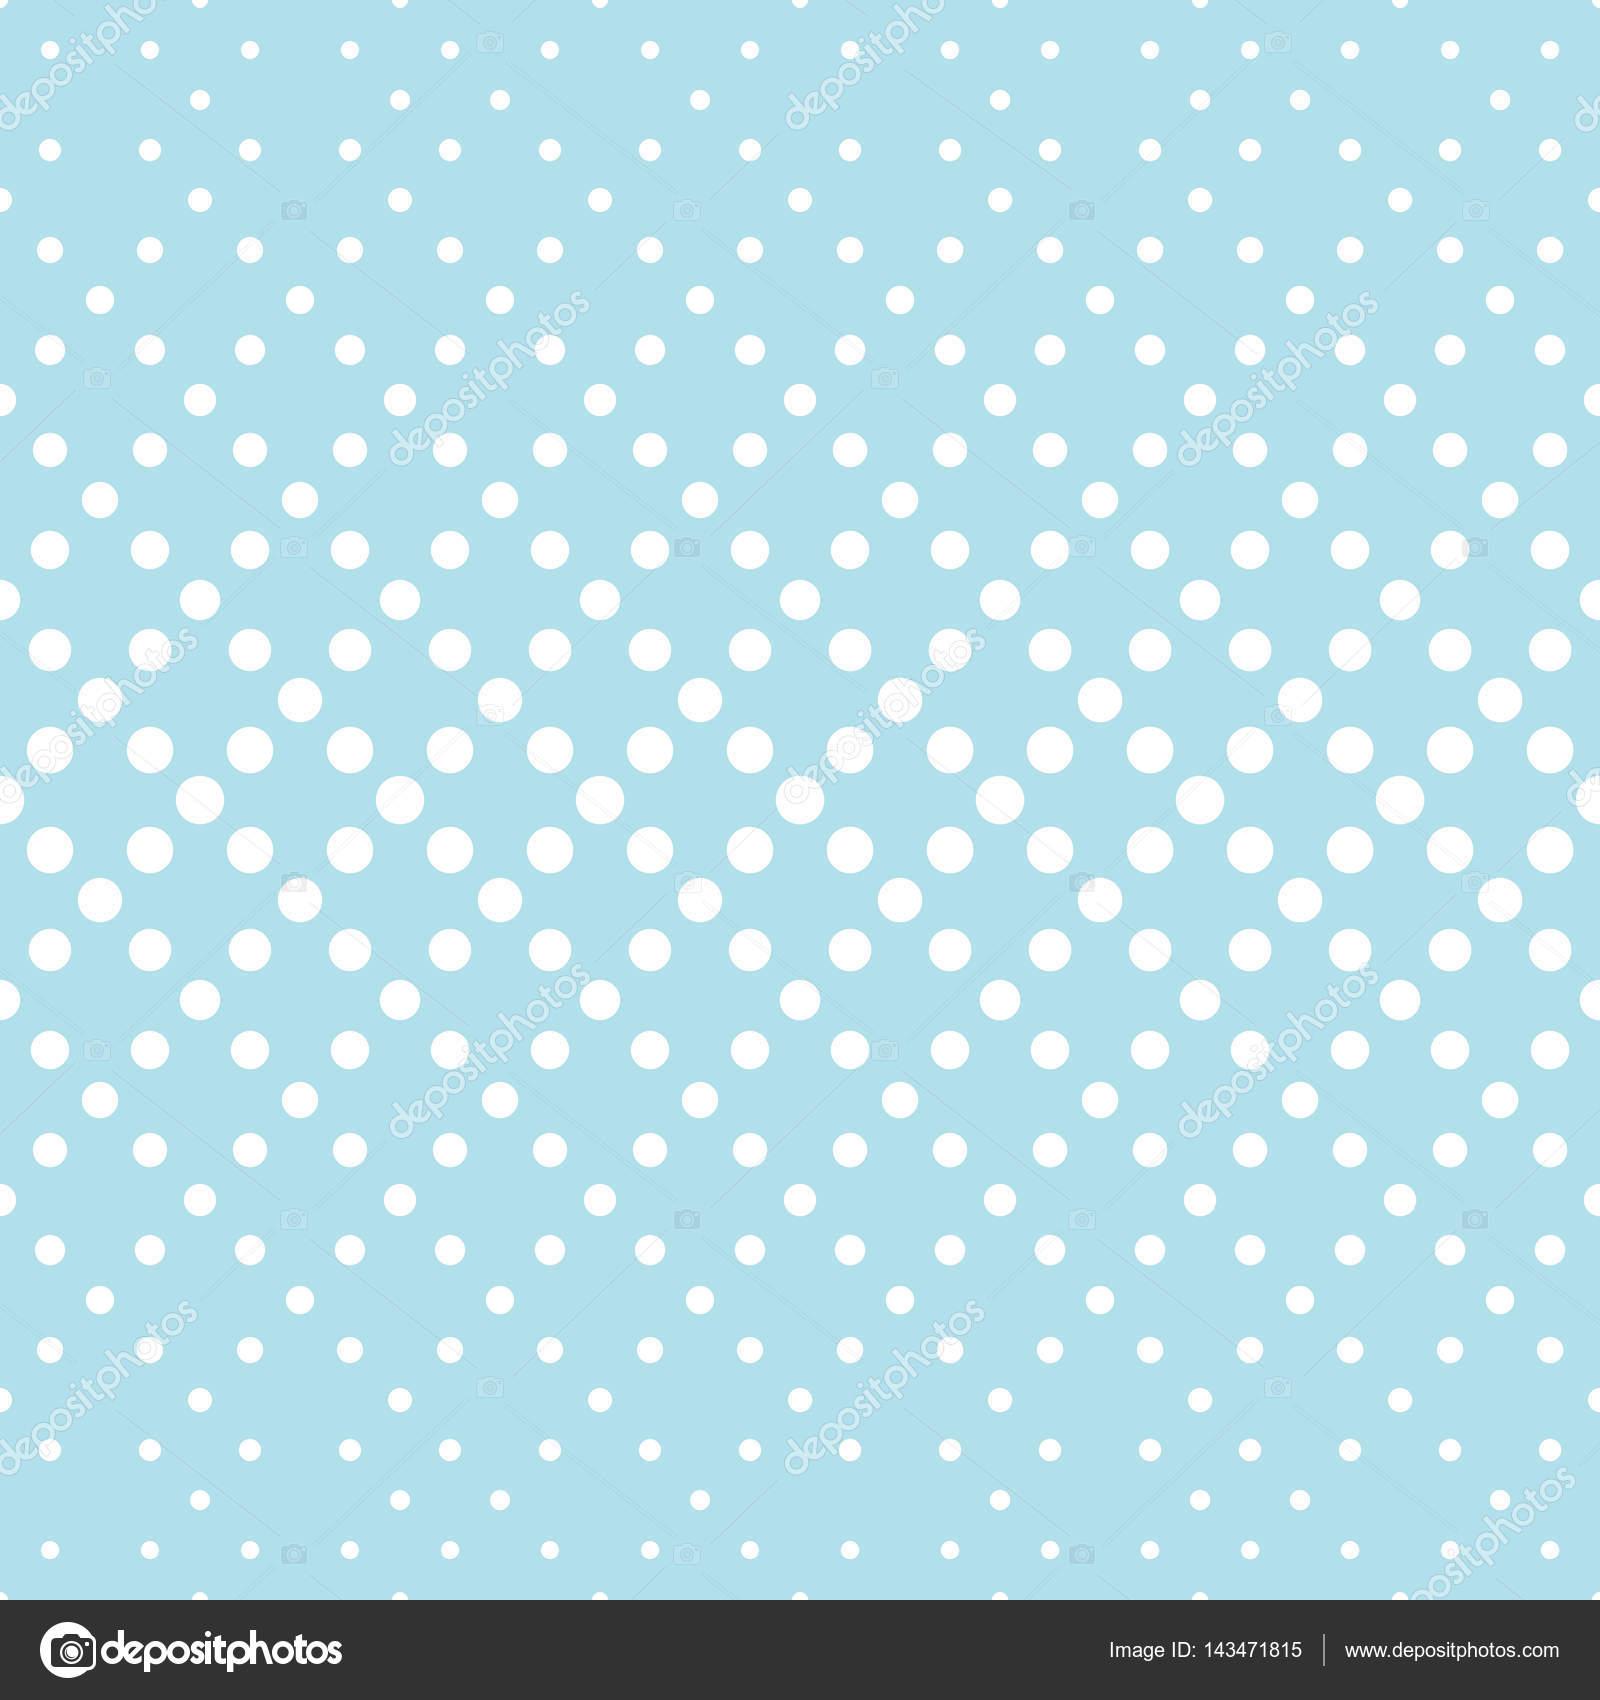 几何圆形渐变色调无缝蓝色图案– 图库插图